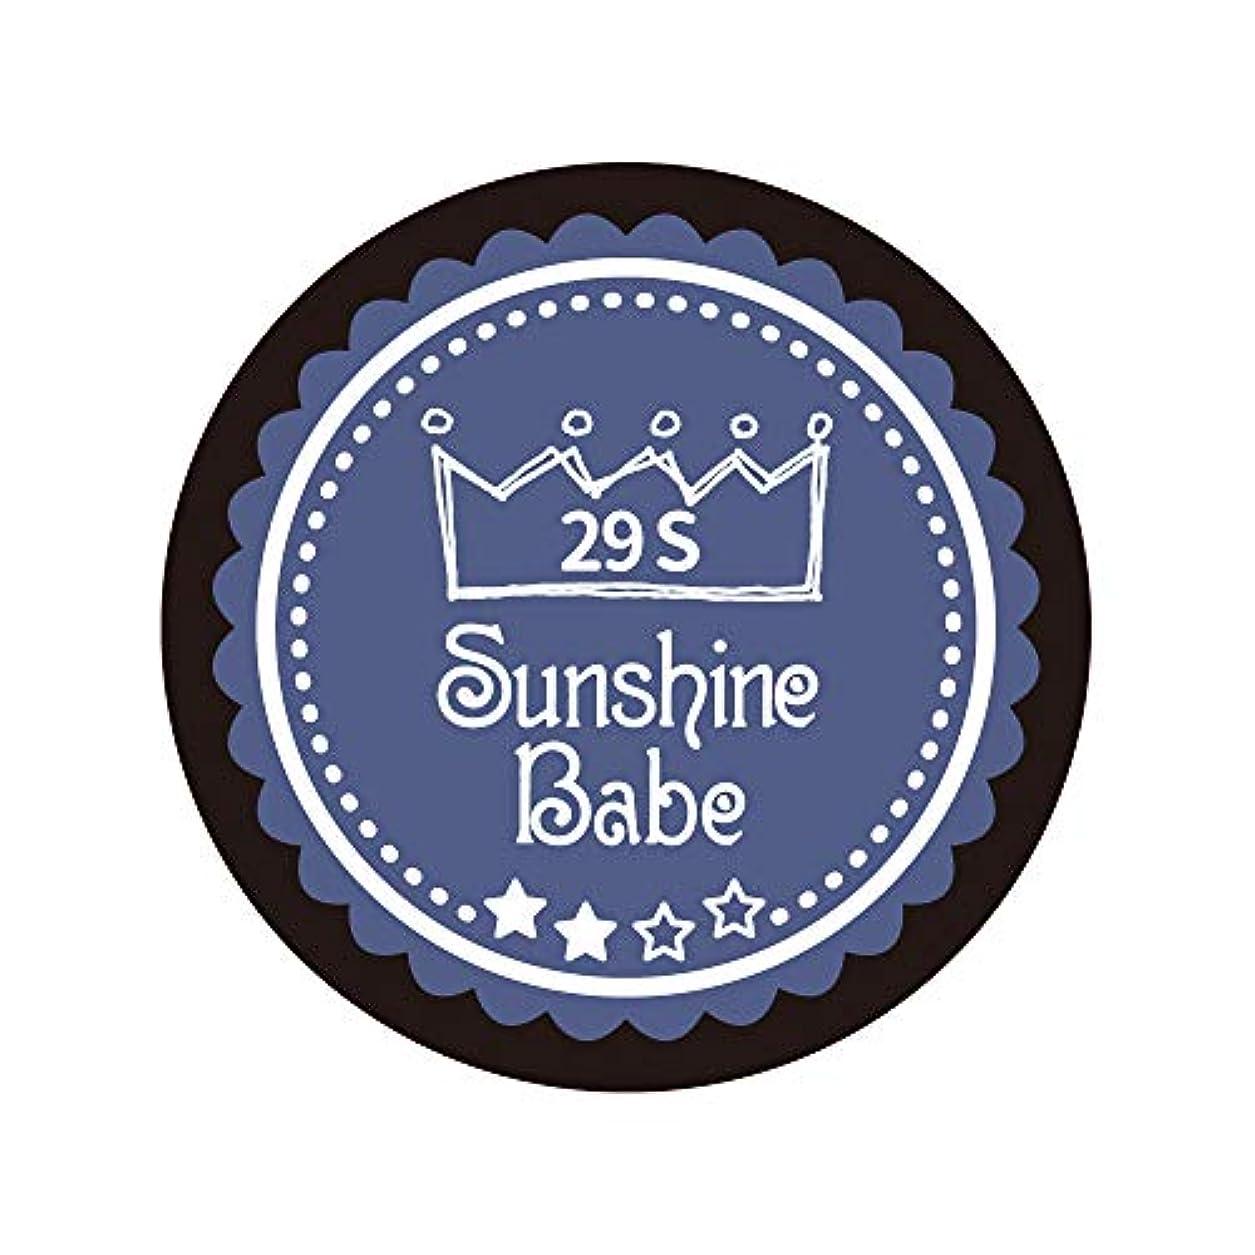 その間線三番Sunshine Babe カラージェル 29S ネイビーグレー 2.7g UV/LED対応